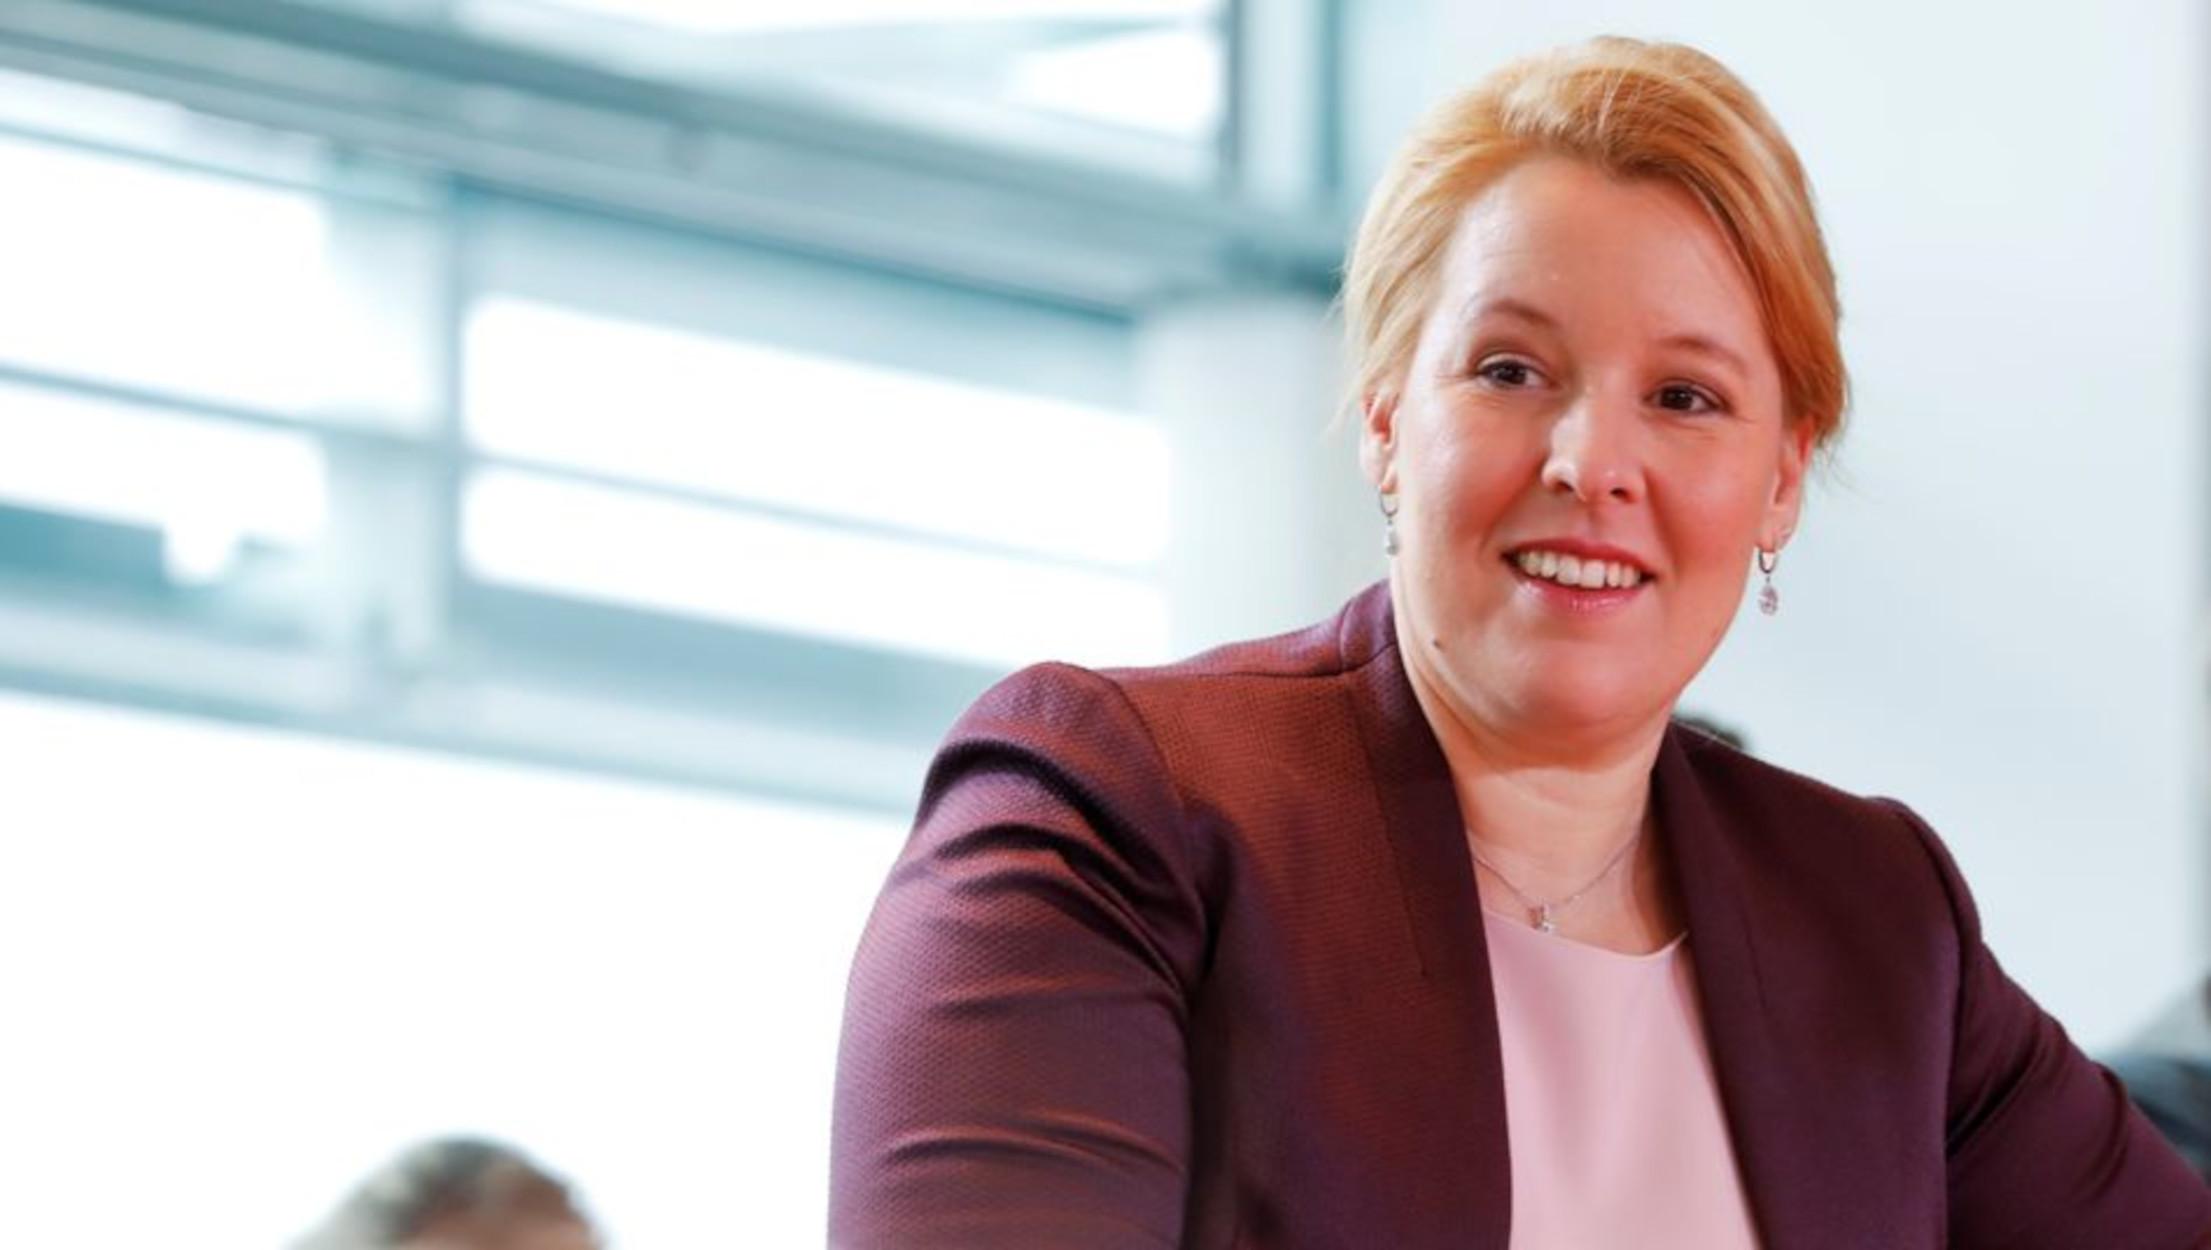 Γερμανία: Παραιτήθηκε η υπουργός με το «κλεμμένο» διδακτορικό